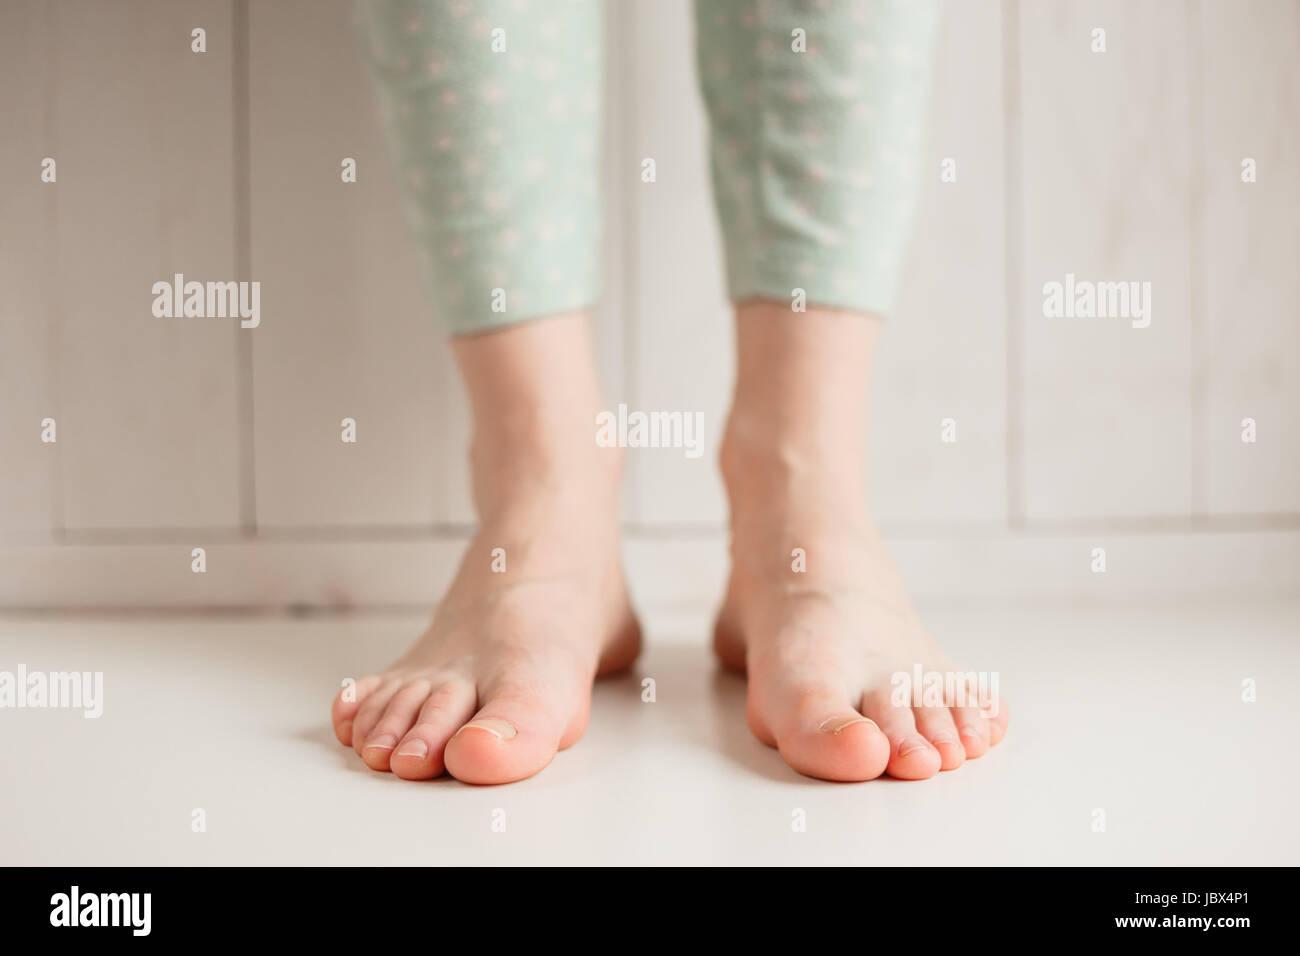 Los pies descalzos de una chica cansada de zapatos incómodos, cerca. Foto de stock